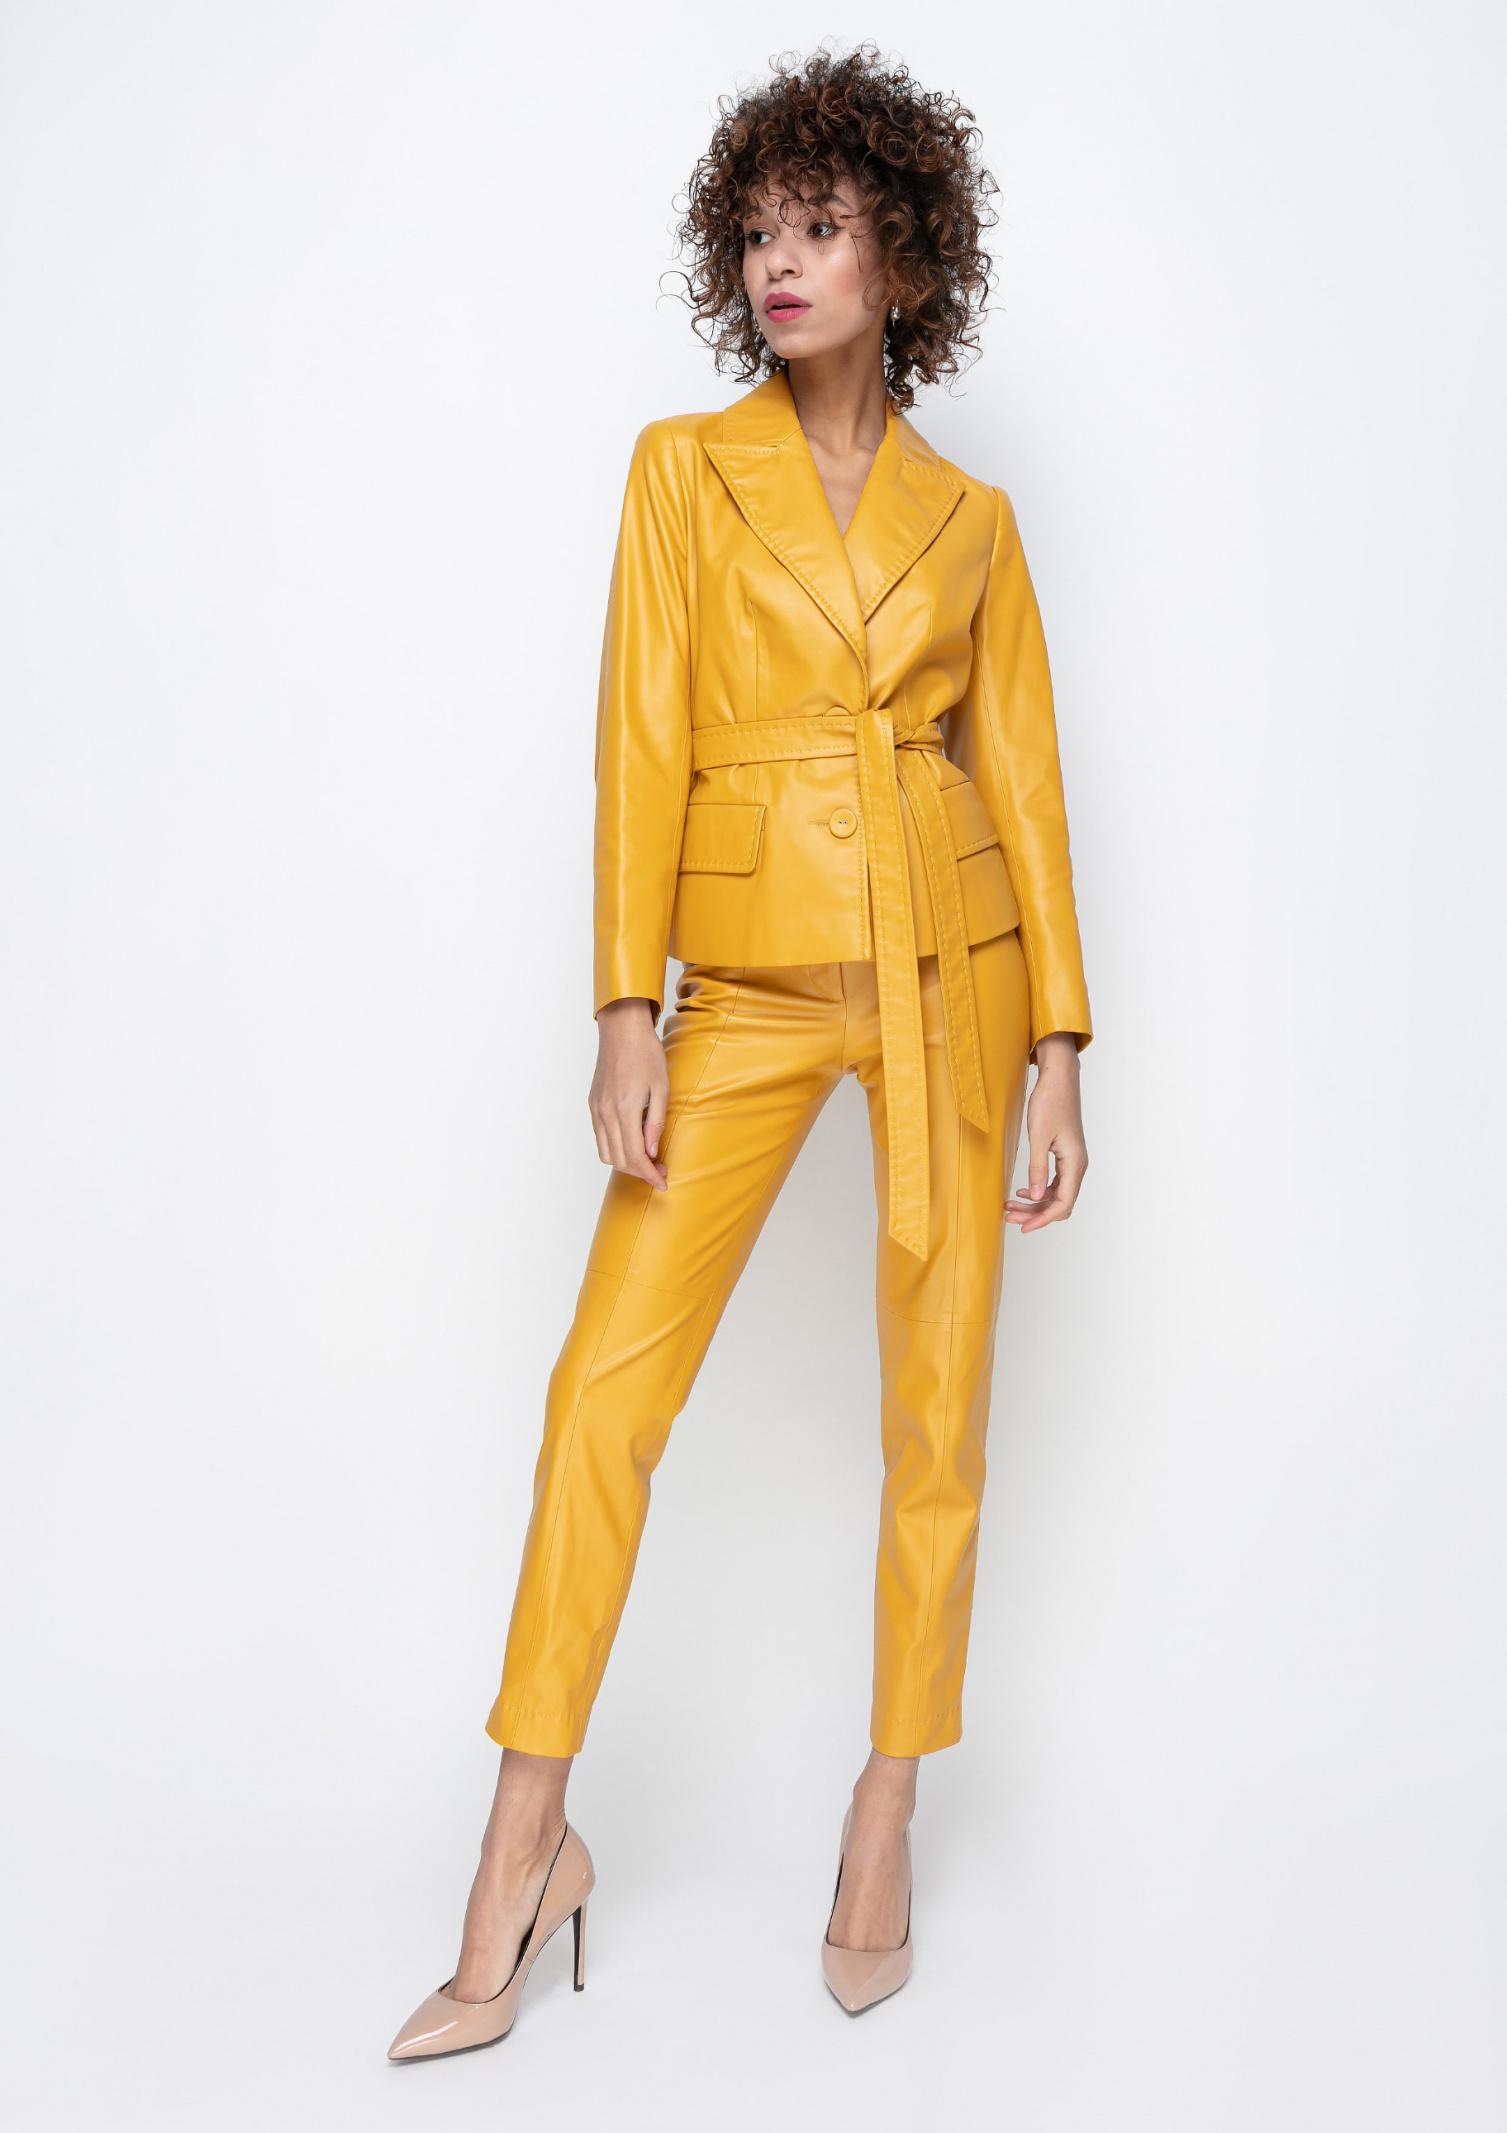 Samange Піджак жіночі модель 8JK_50 купити, 2017